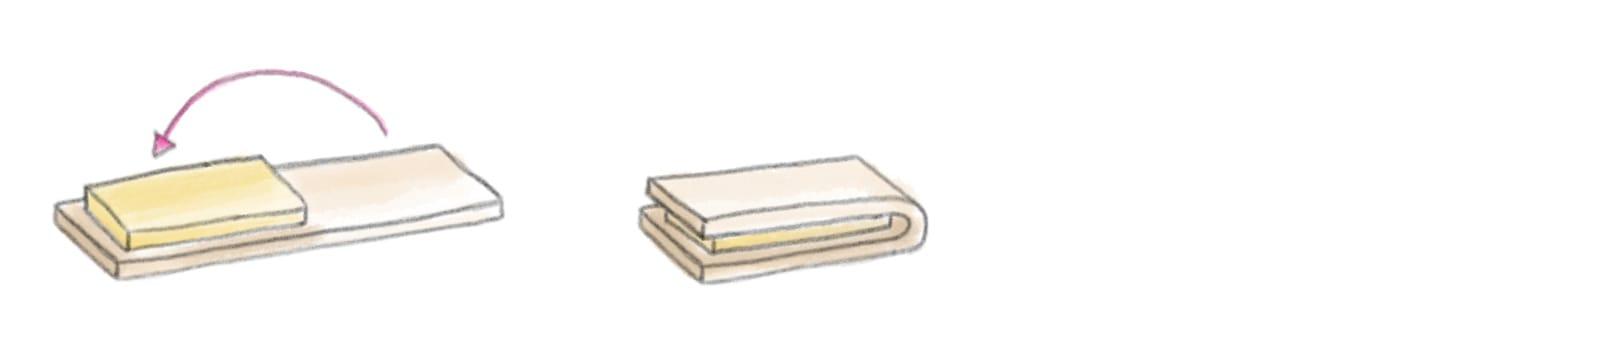 Explication de l'assemblage de la détrempe avec le pâton au beurre pour la recette de la pâte feuilletée inversée.